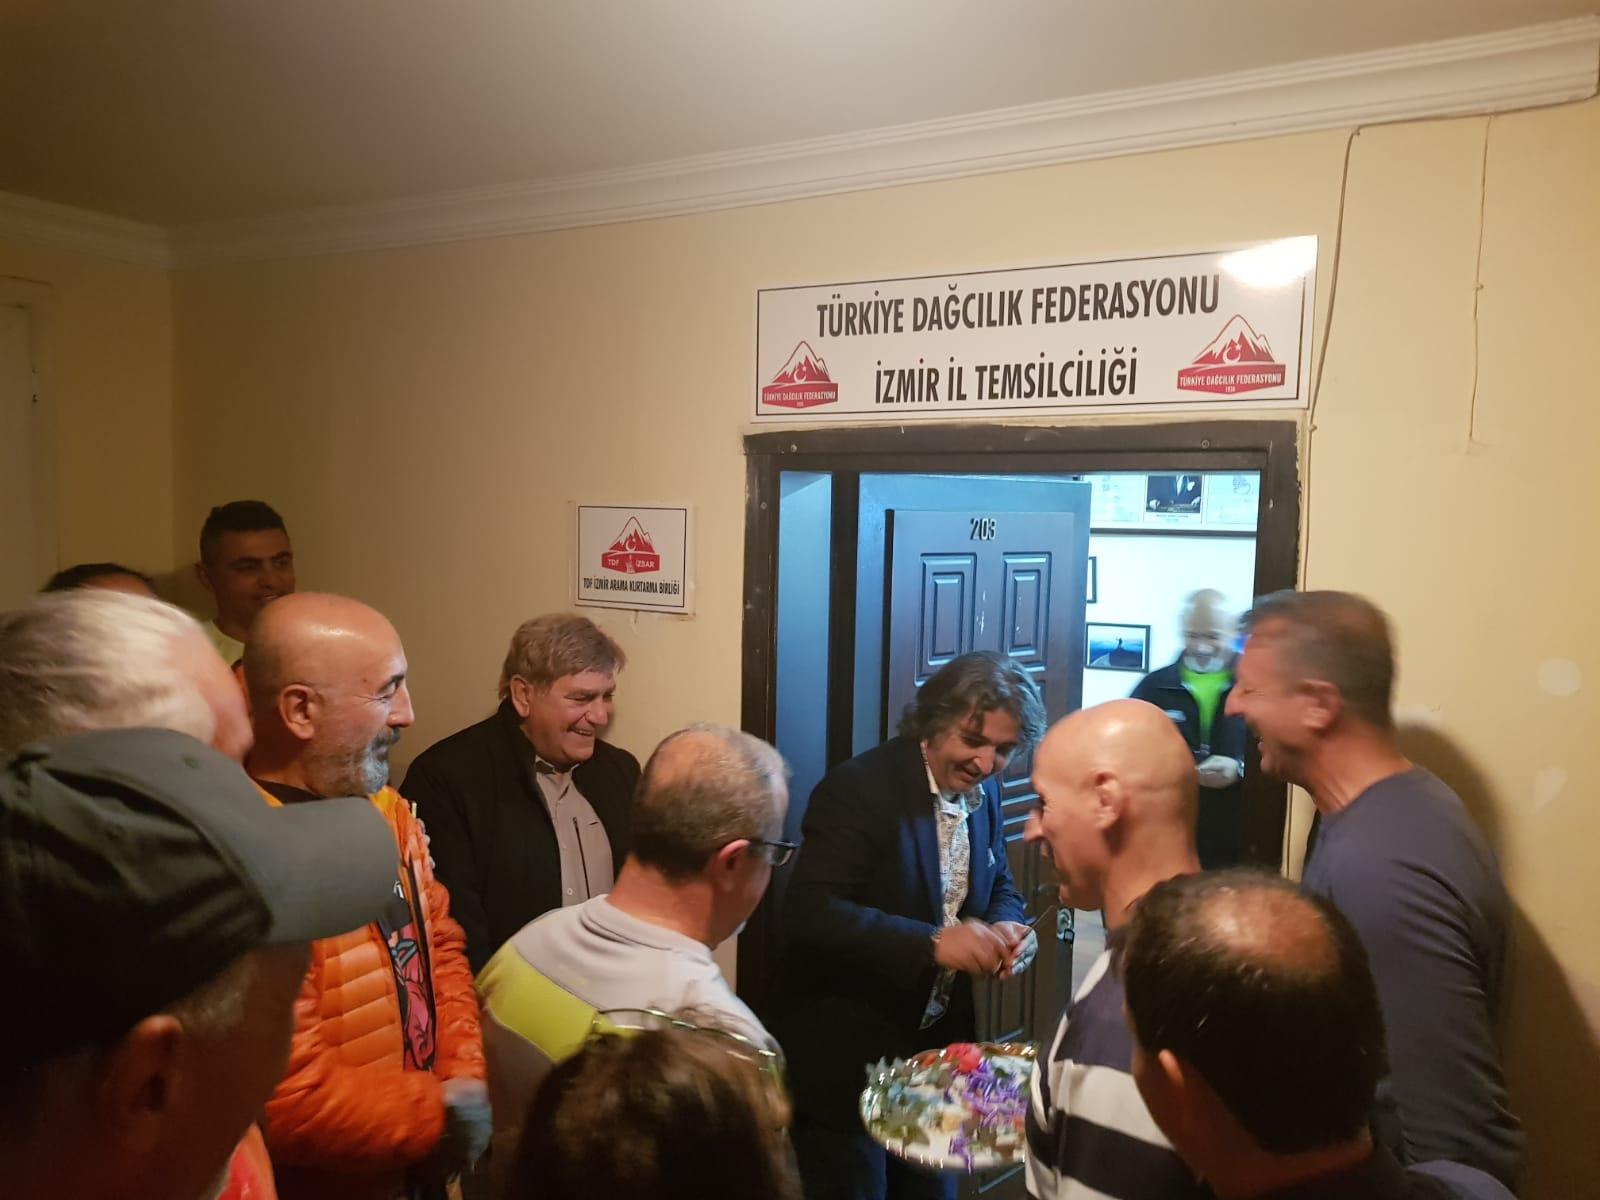 TDF İzmir İl Temsilciliği Çalışma Ofisi Açılışı